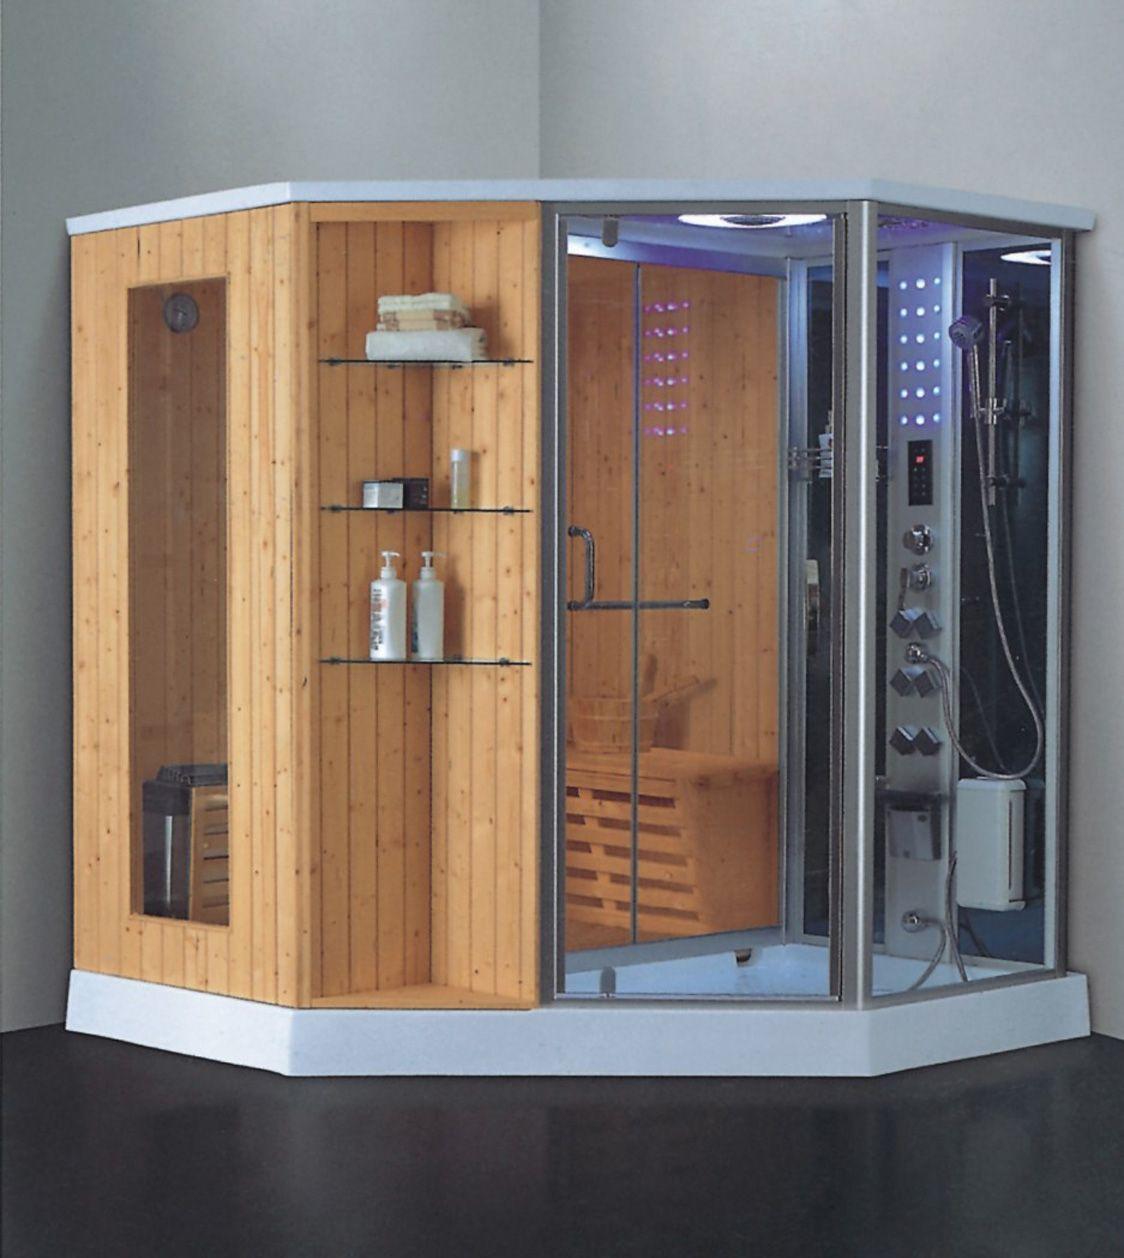 Image Result For Steam Shower Sauna Combo Bathroom Design Decor